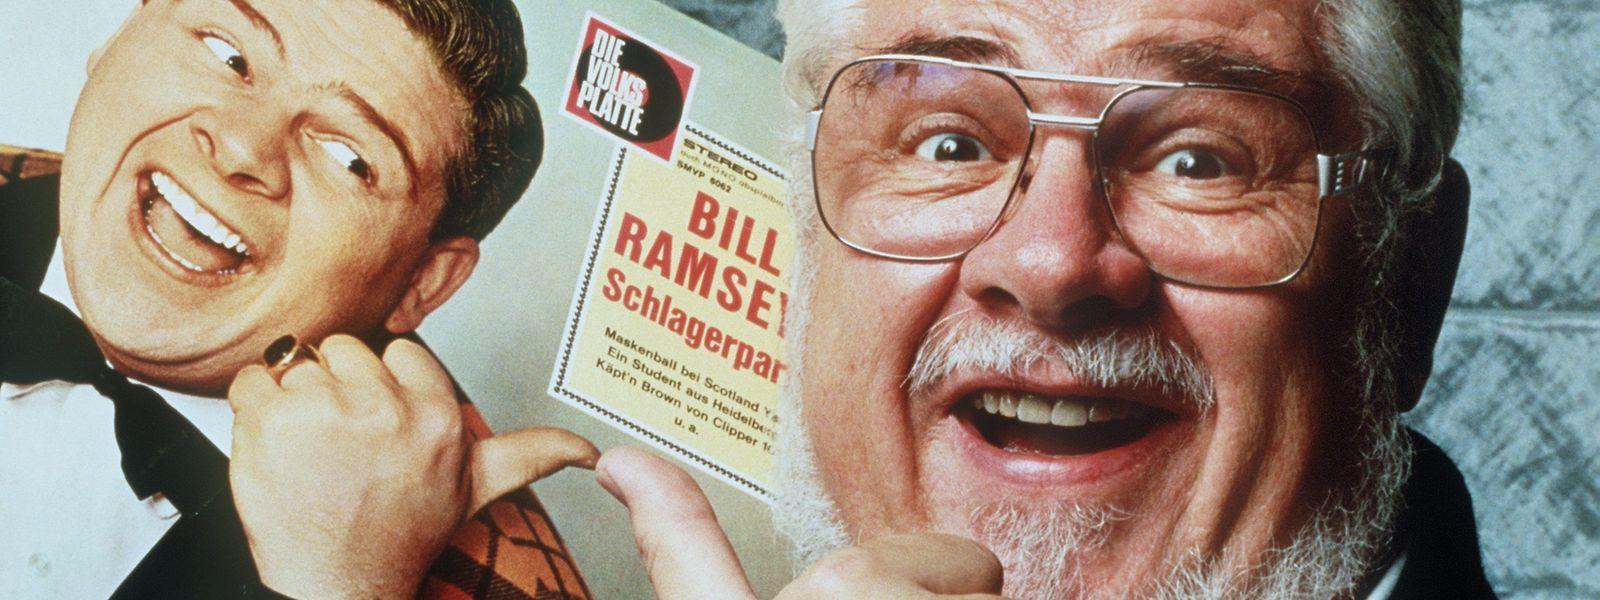 Bill Ramsey Ende der 1990er-Jahre mit einem Plattencover aus früheren Tagen.